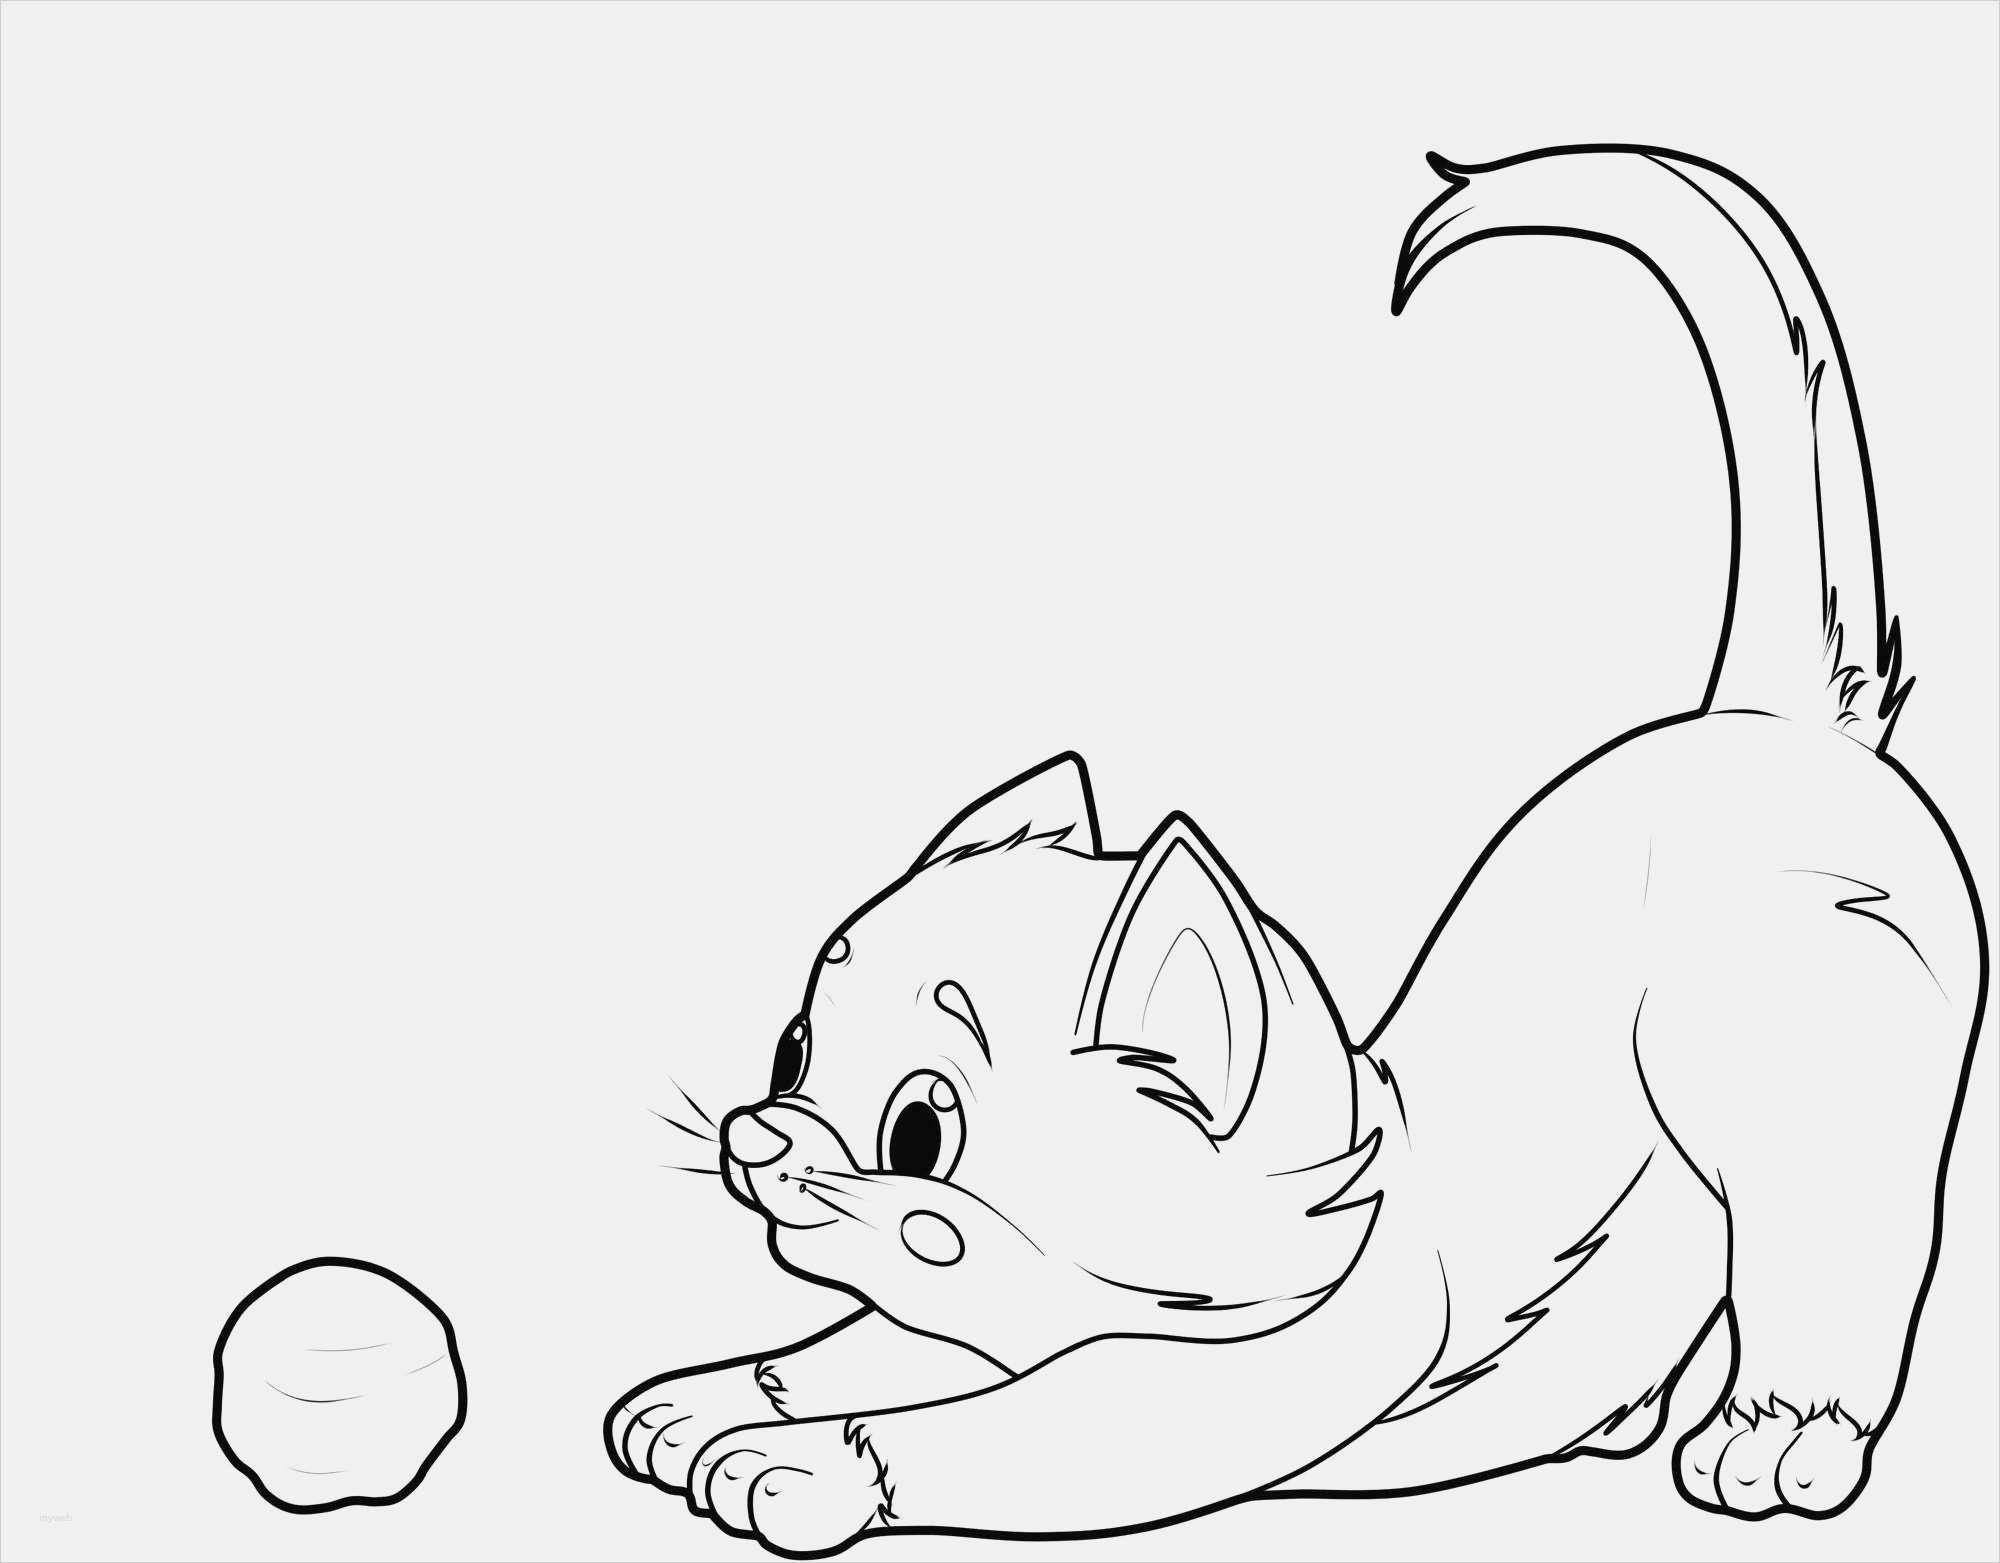 Katzen Malen Vorlagen Wunderbar Kostenlose Malvorlage Katzen bestimmt für Ausmalbilder Katzen Kostenlos